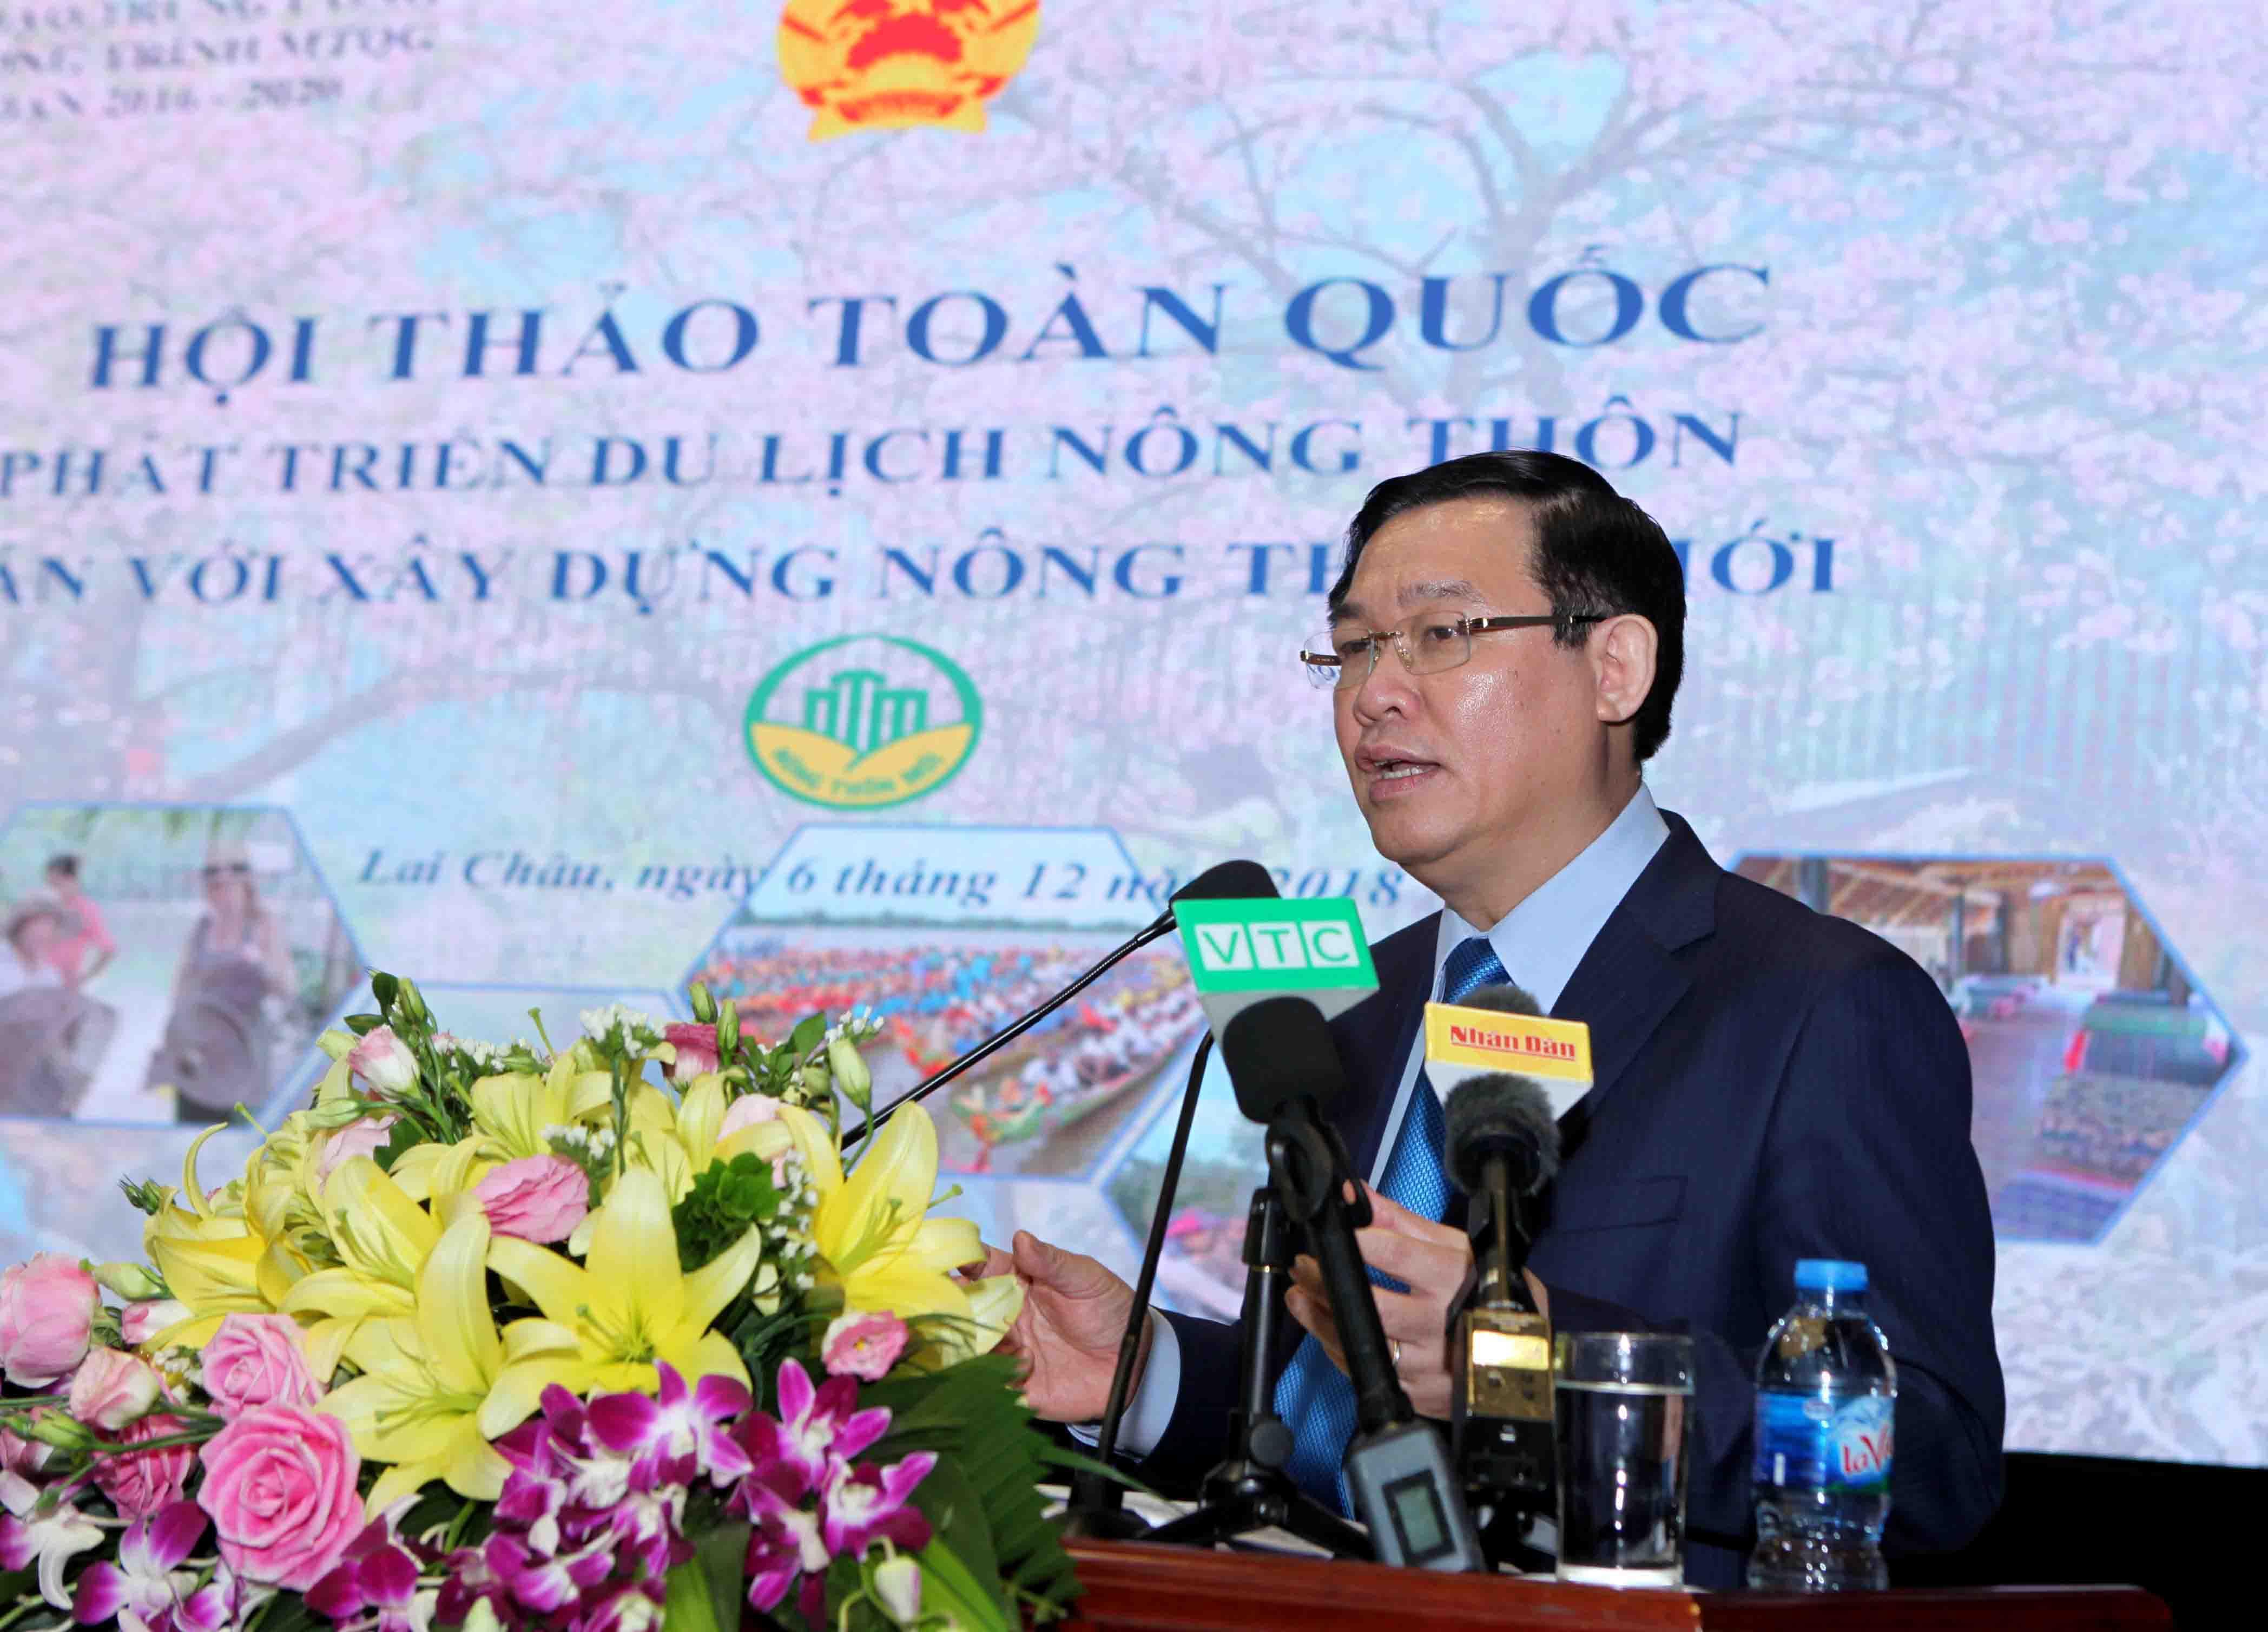 Phó Thủ tướng Vương Đình Huệ phát biểu kết luận Hội thảo